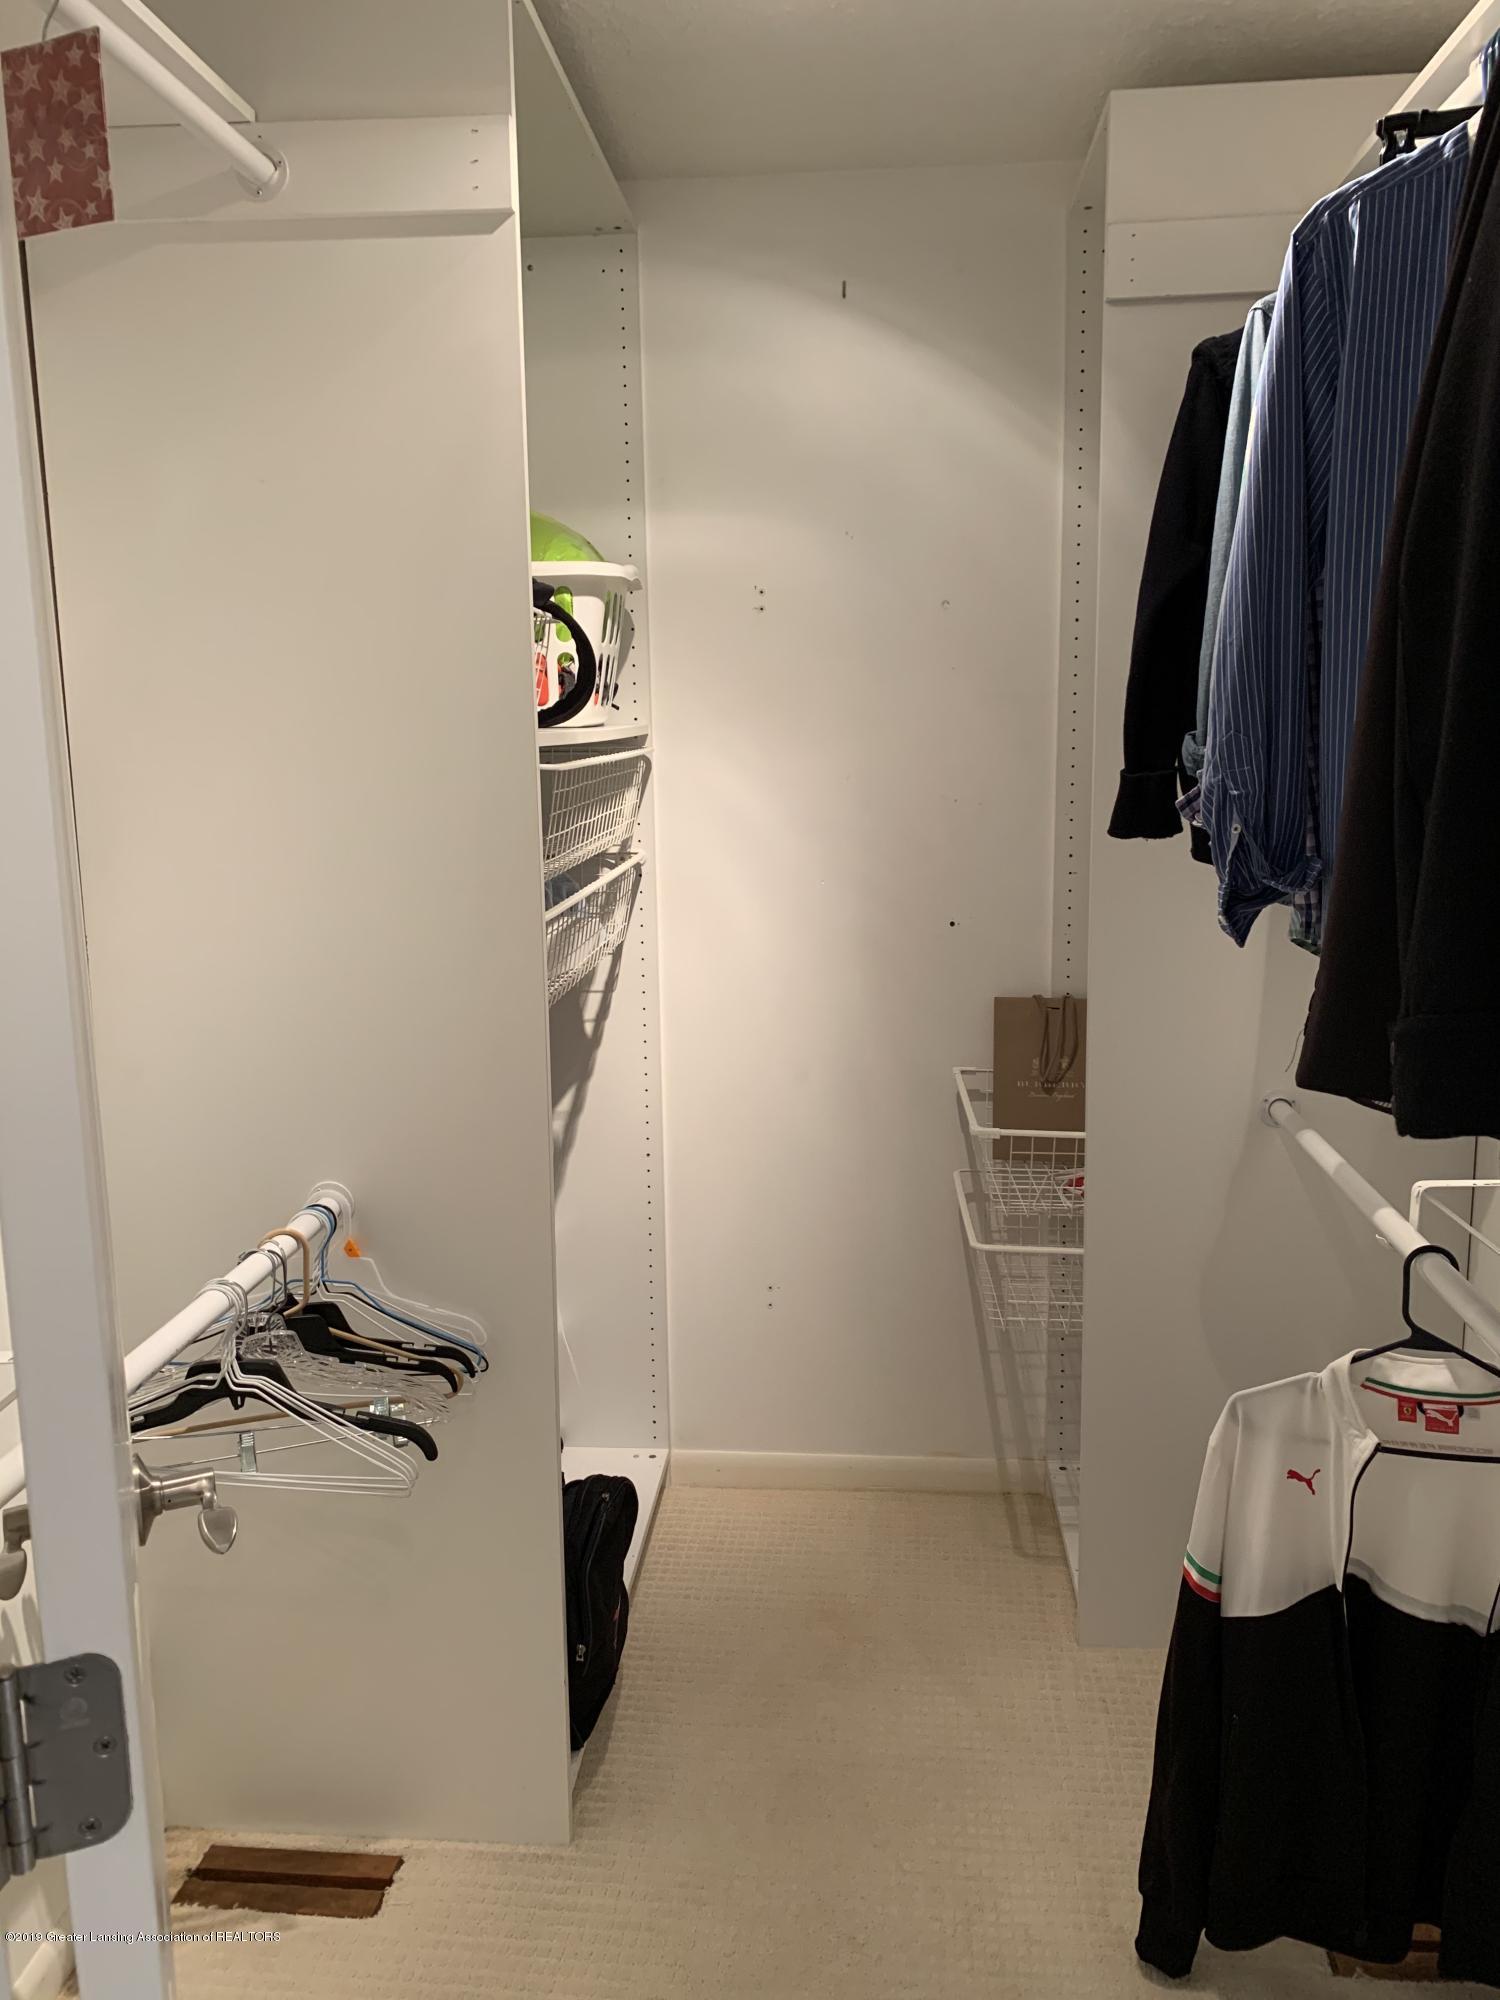 2435 Seville Dr - Master Bedroom - 13